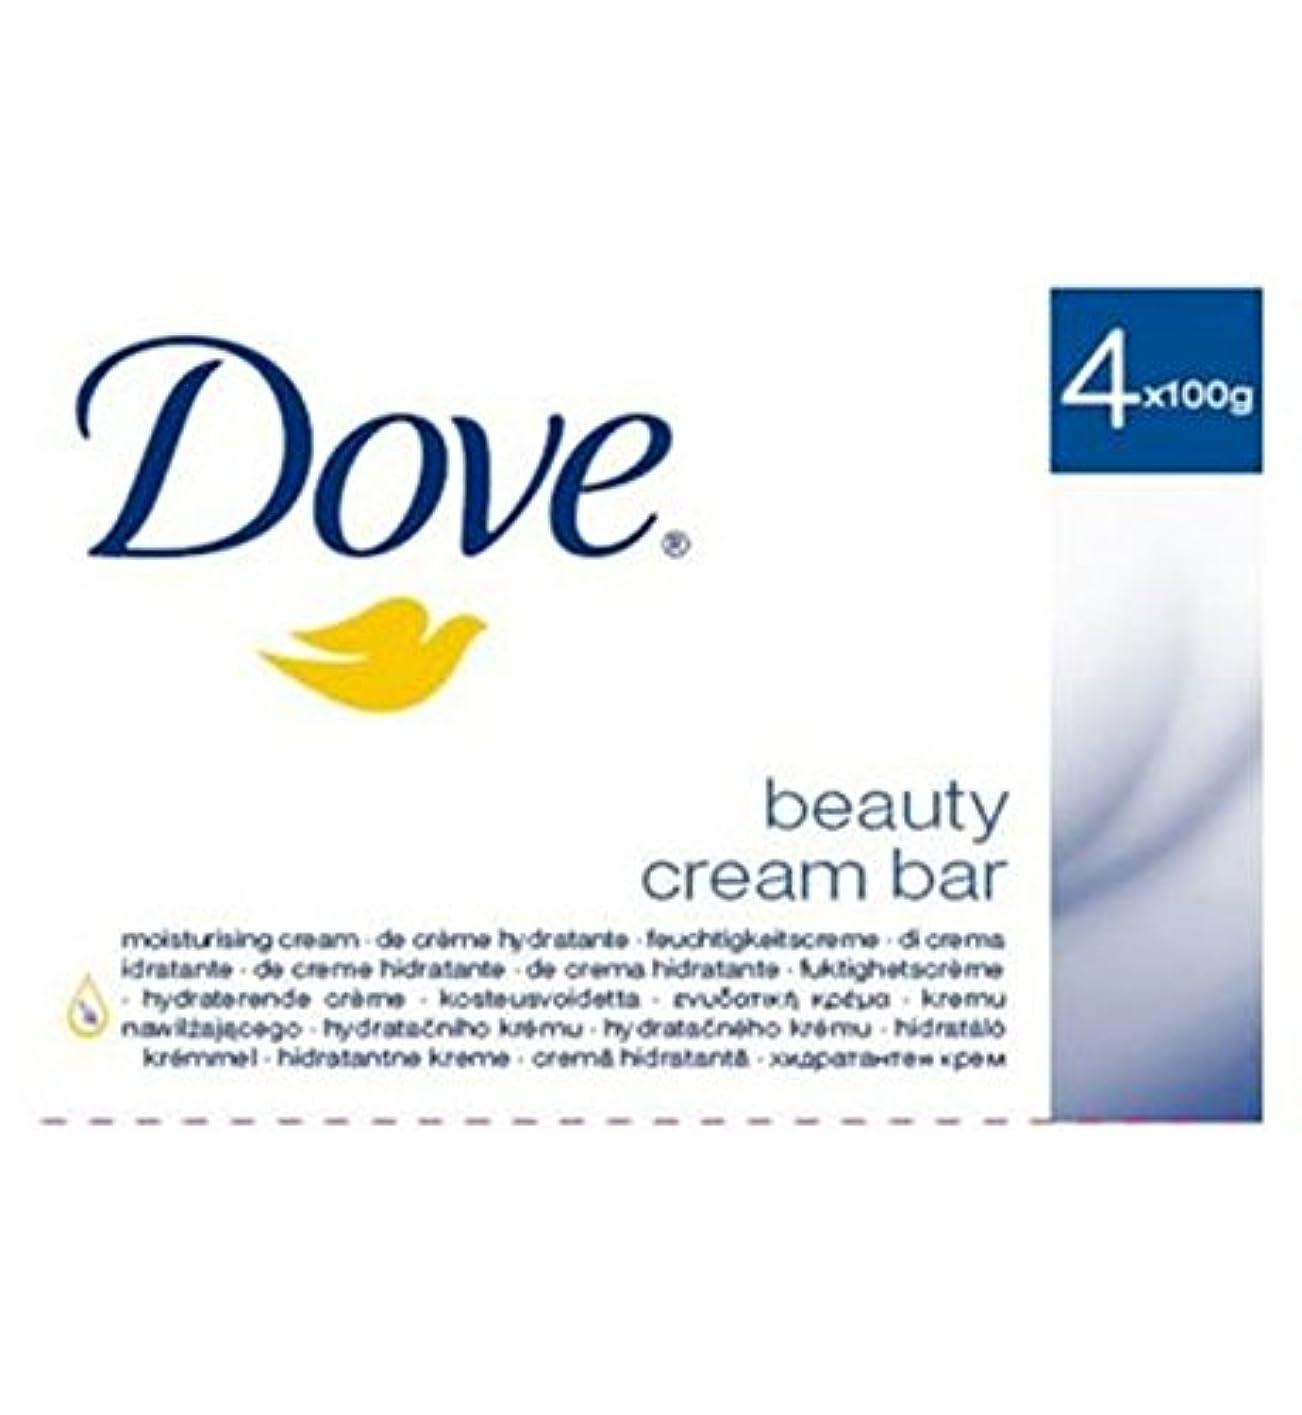 大声で光の統計的鳩元の美しさのクリームバー4のX 100グラム (Dove) (x2) - Dove Original Beauty Cream Bar 4 x 100g (Pack of 2) [並行輸入品]